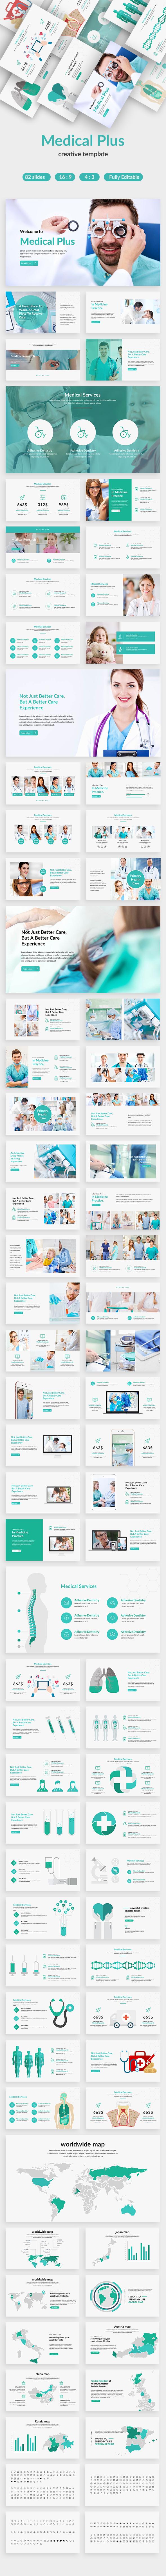 Medical Plus Google Slide Template - Google Slides Presentation Templates